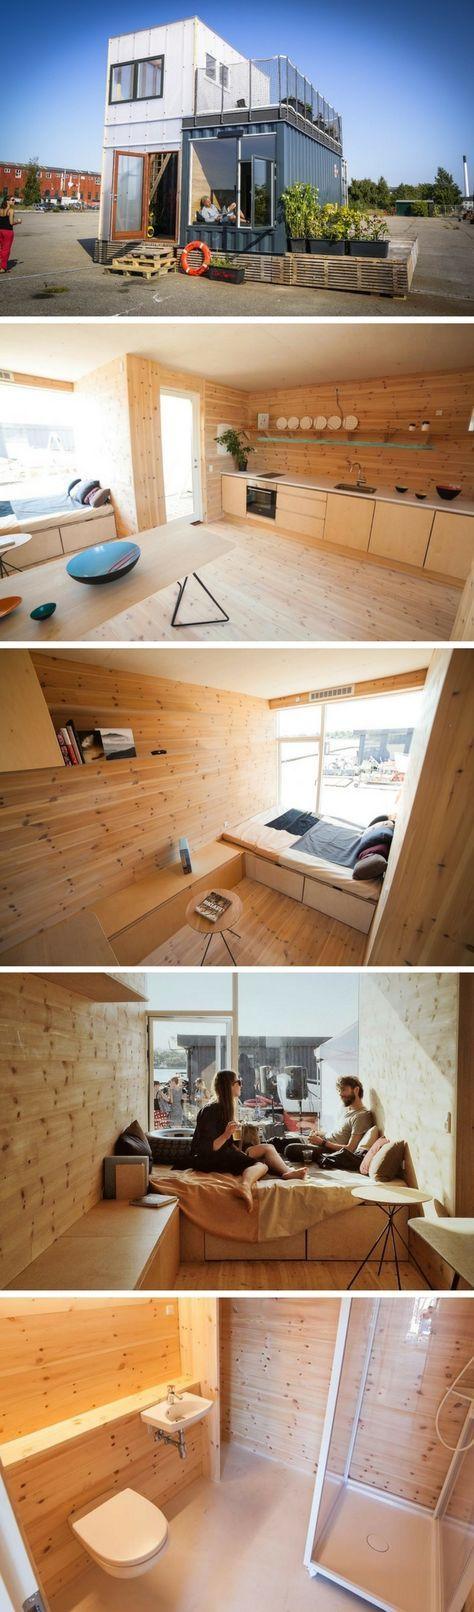 die besten 25 schiffscontainer haus ideen auf pinterest container container design und. Black Bedroom Furniture Sets. Home Design Ideas